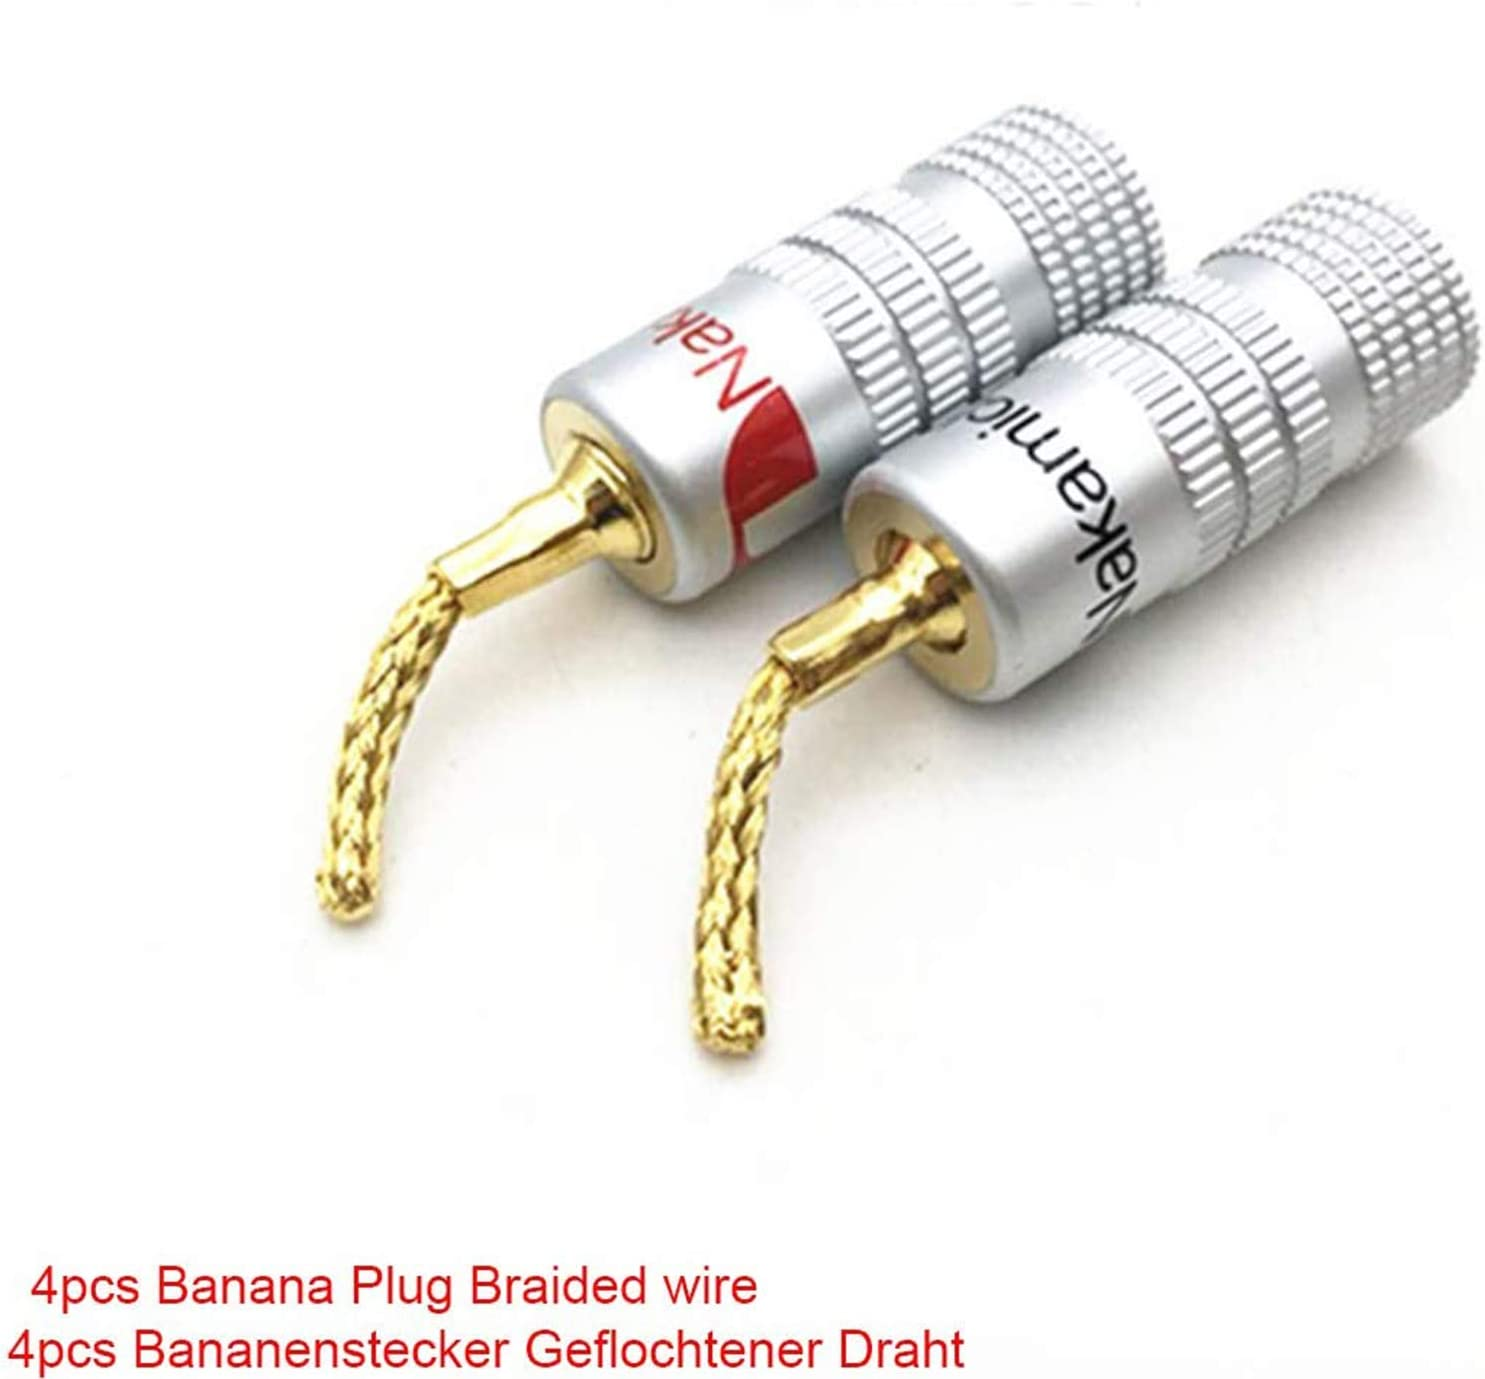 Lot de 4 connecteurs de c/âble tress/és pour haut-parleurs r/ésistant /à la corrosion connecteurs audio femelles pour c/âbles de haut-parleur fiches bananes